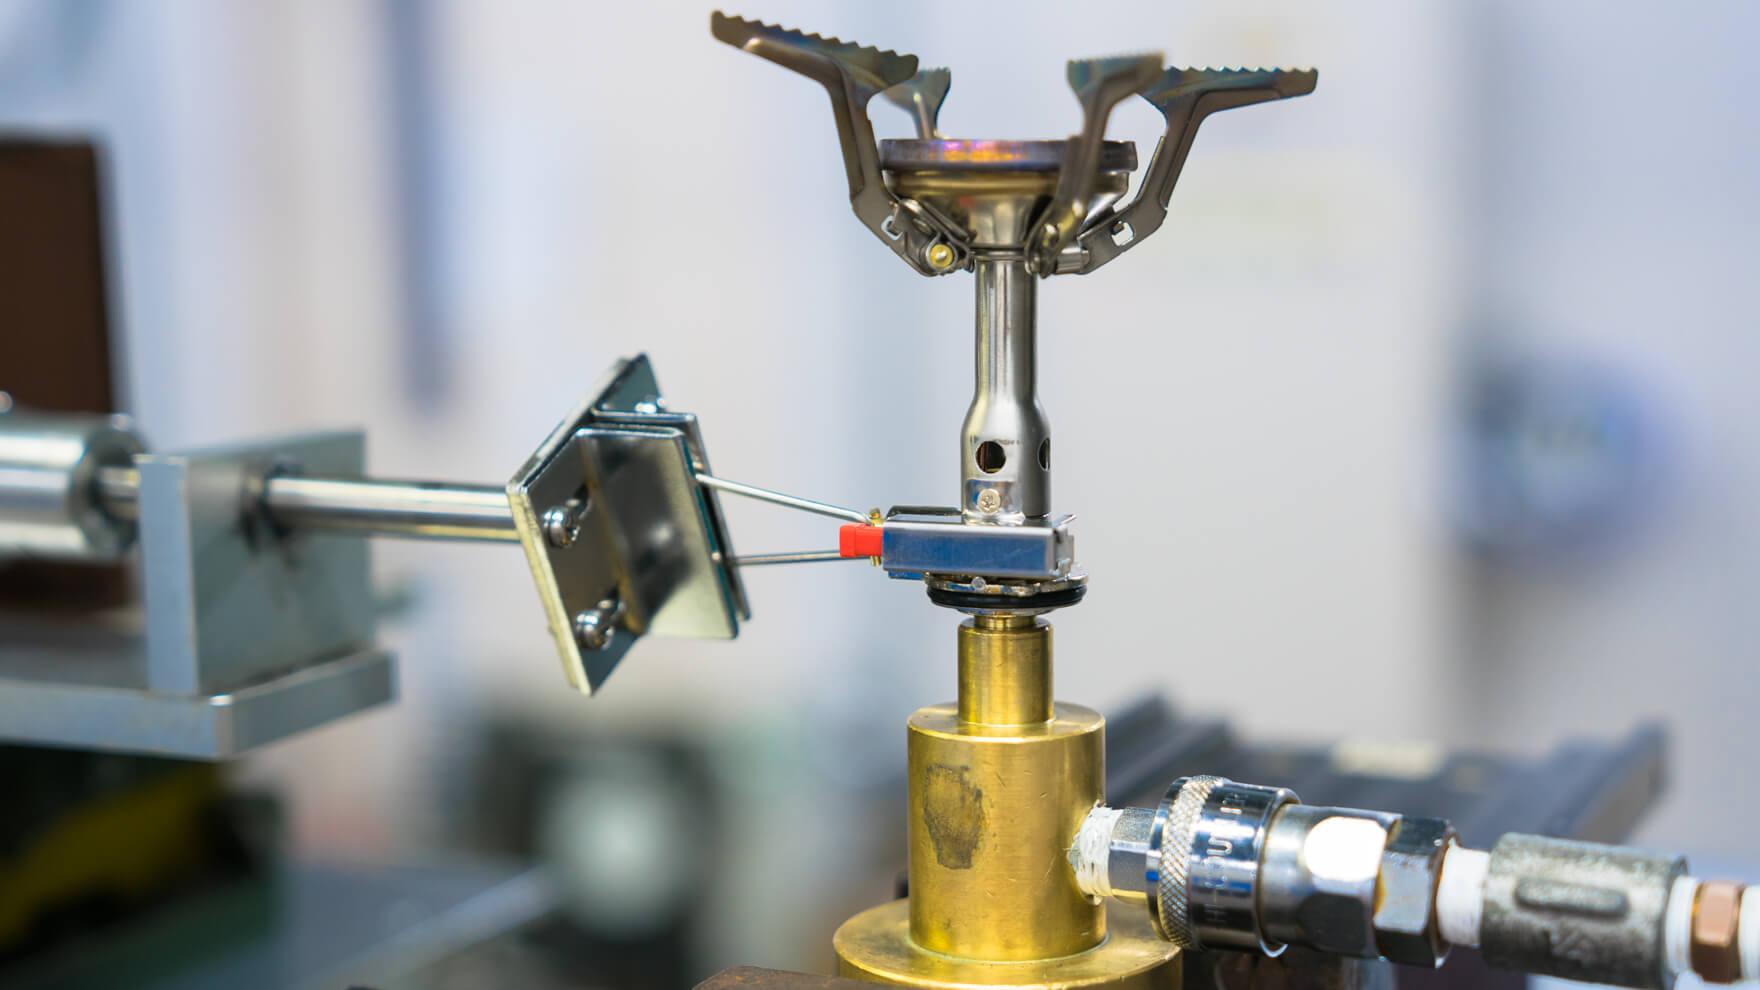 ガスストーブの発売前検査が想像以上にガチだった。~日本ガス機器検査協会 東京検査所見学~